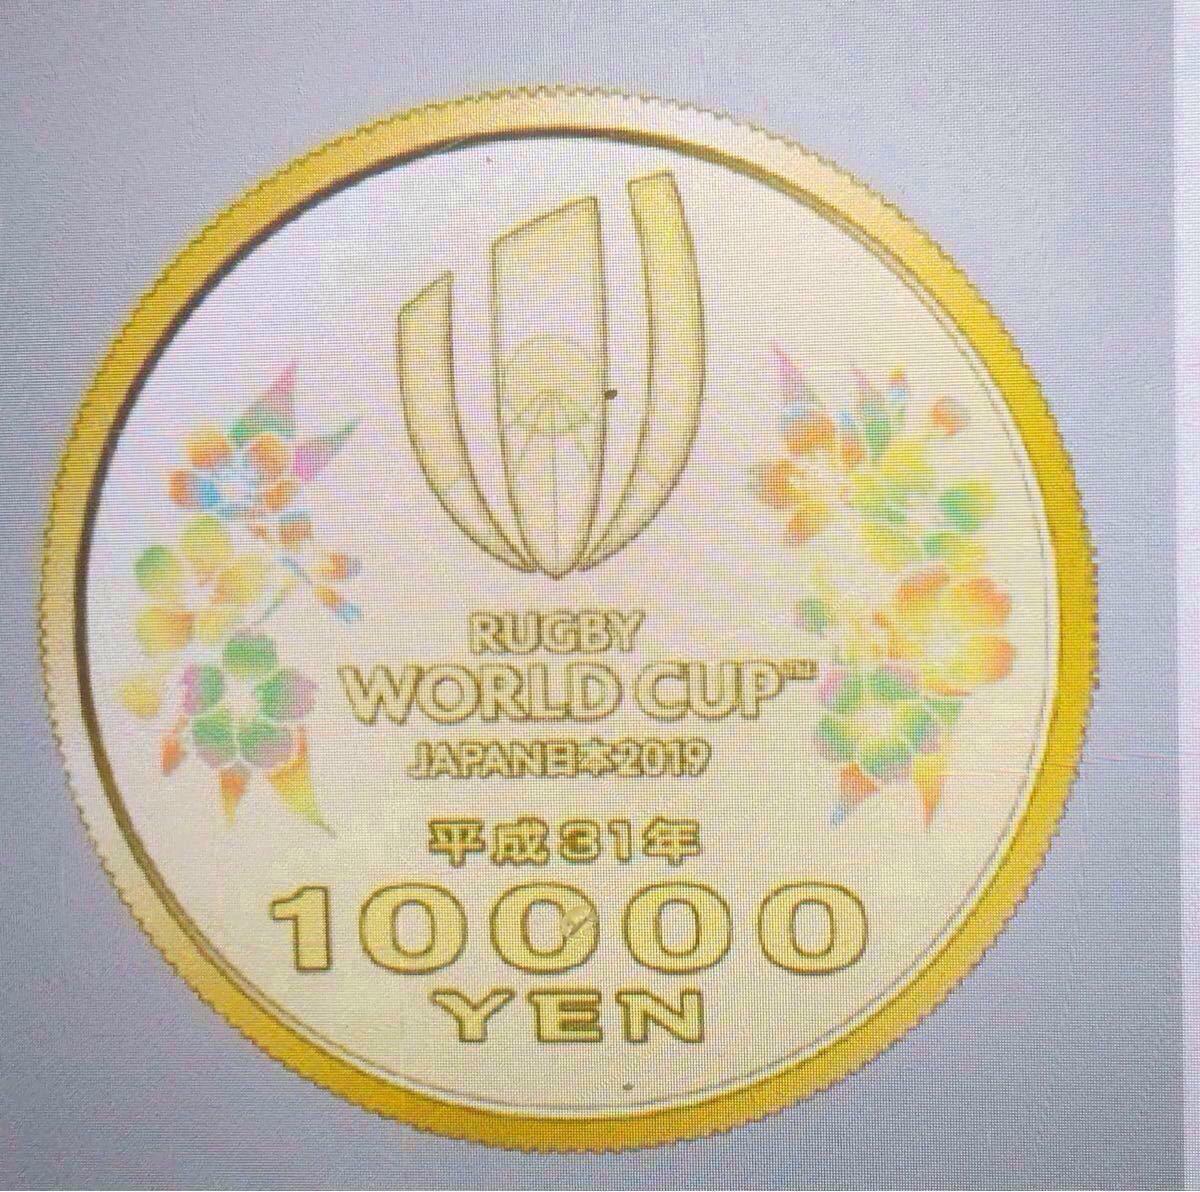 ●ラグビーワールドカップ2019TM日本大会記念 一万円 金貨幣 1万円 金貨 新品 未開封_画像4